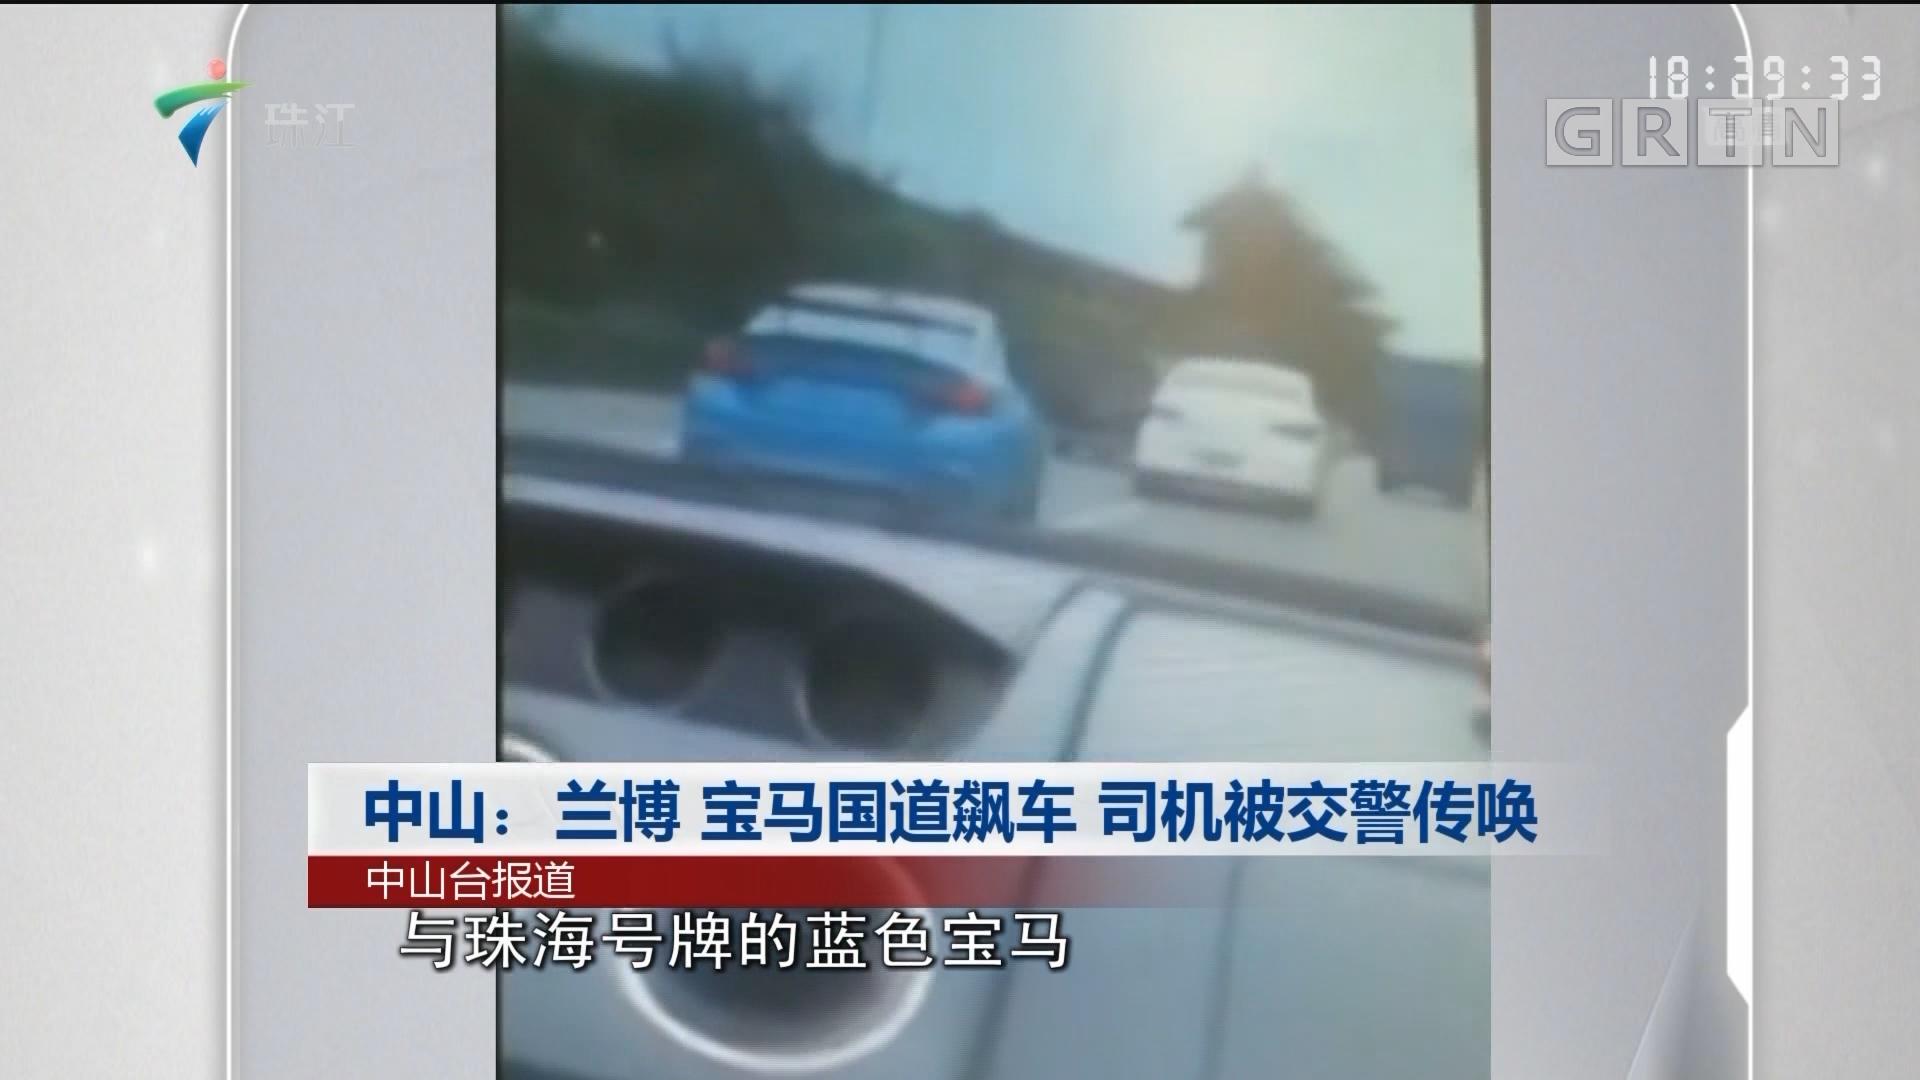 中山:兰博 宝马国道飙车 司机被交警传唤